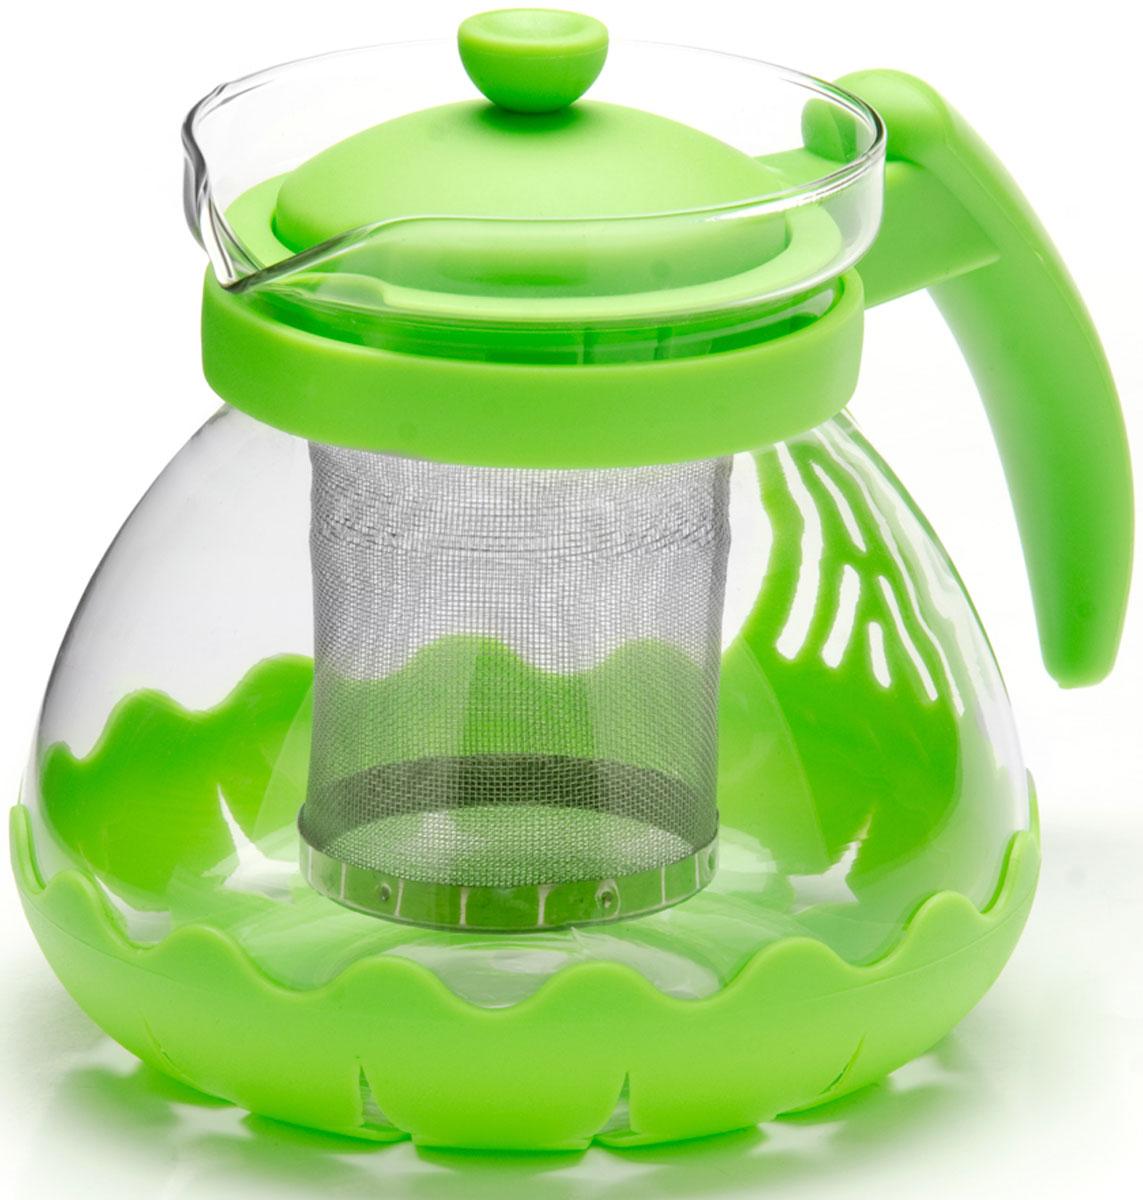 Чайник заварочный Mayer & Boch, с фильтром, цвет: зеленый, 700 мл. 26173-326173-3Заварочный чайник Mayer & Boch изготовлен из термостойкого боросиликатного стекла, фильтр выполнен из нержавеющей стали. Изделия из стекла не впитывают запахи, благодаря чему вы всегда получите натуральный, насыщенный вкус и аромат напитков.Заварочный чайник из стекла удобно использовать для повседневного заваривания чая практически любого сорта. Но цветочные, фруктовые, красные и желтые сорта чая лучше других раскрывают свой вкус и аромат при заваривании именно в стеклянных чайниках, а также сохраняют все полезные ферменты и витамины, содержащиеся в чайных листах.Стальной фильтр гарантирует прозрачность и чистоту напитка от чайных листьев, при этом сохранив букет и насыщенность чая. Прозрачные стенки чайника дают возможность насладиться насыщенным цветом заваренного чая. Изящный заварочный чайник Mayer & Boch будет прекрасно смотреться в любом интерьере.Подходит для мытья в посудомоечной машине.